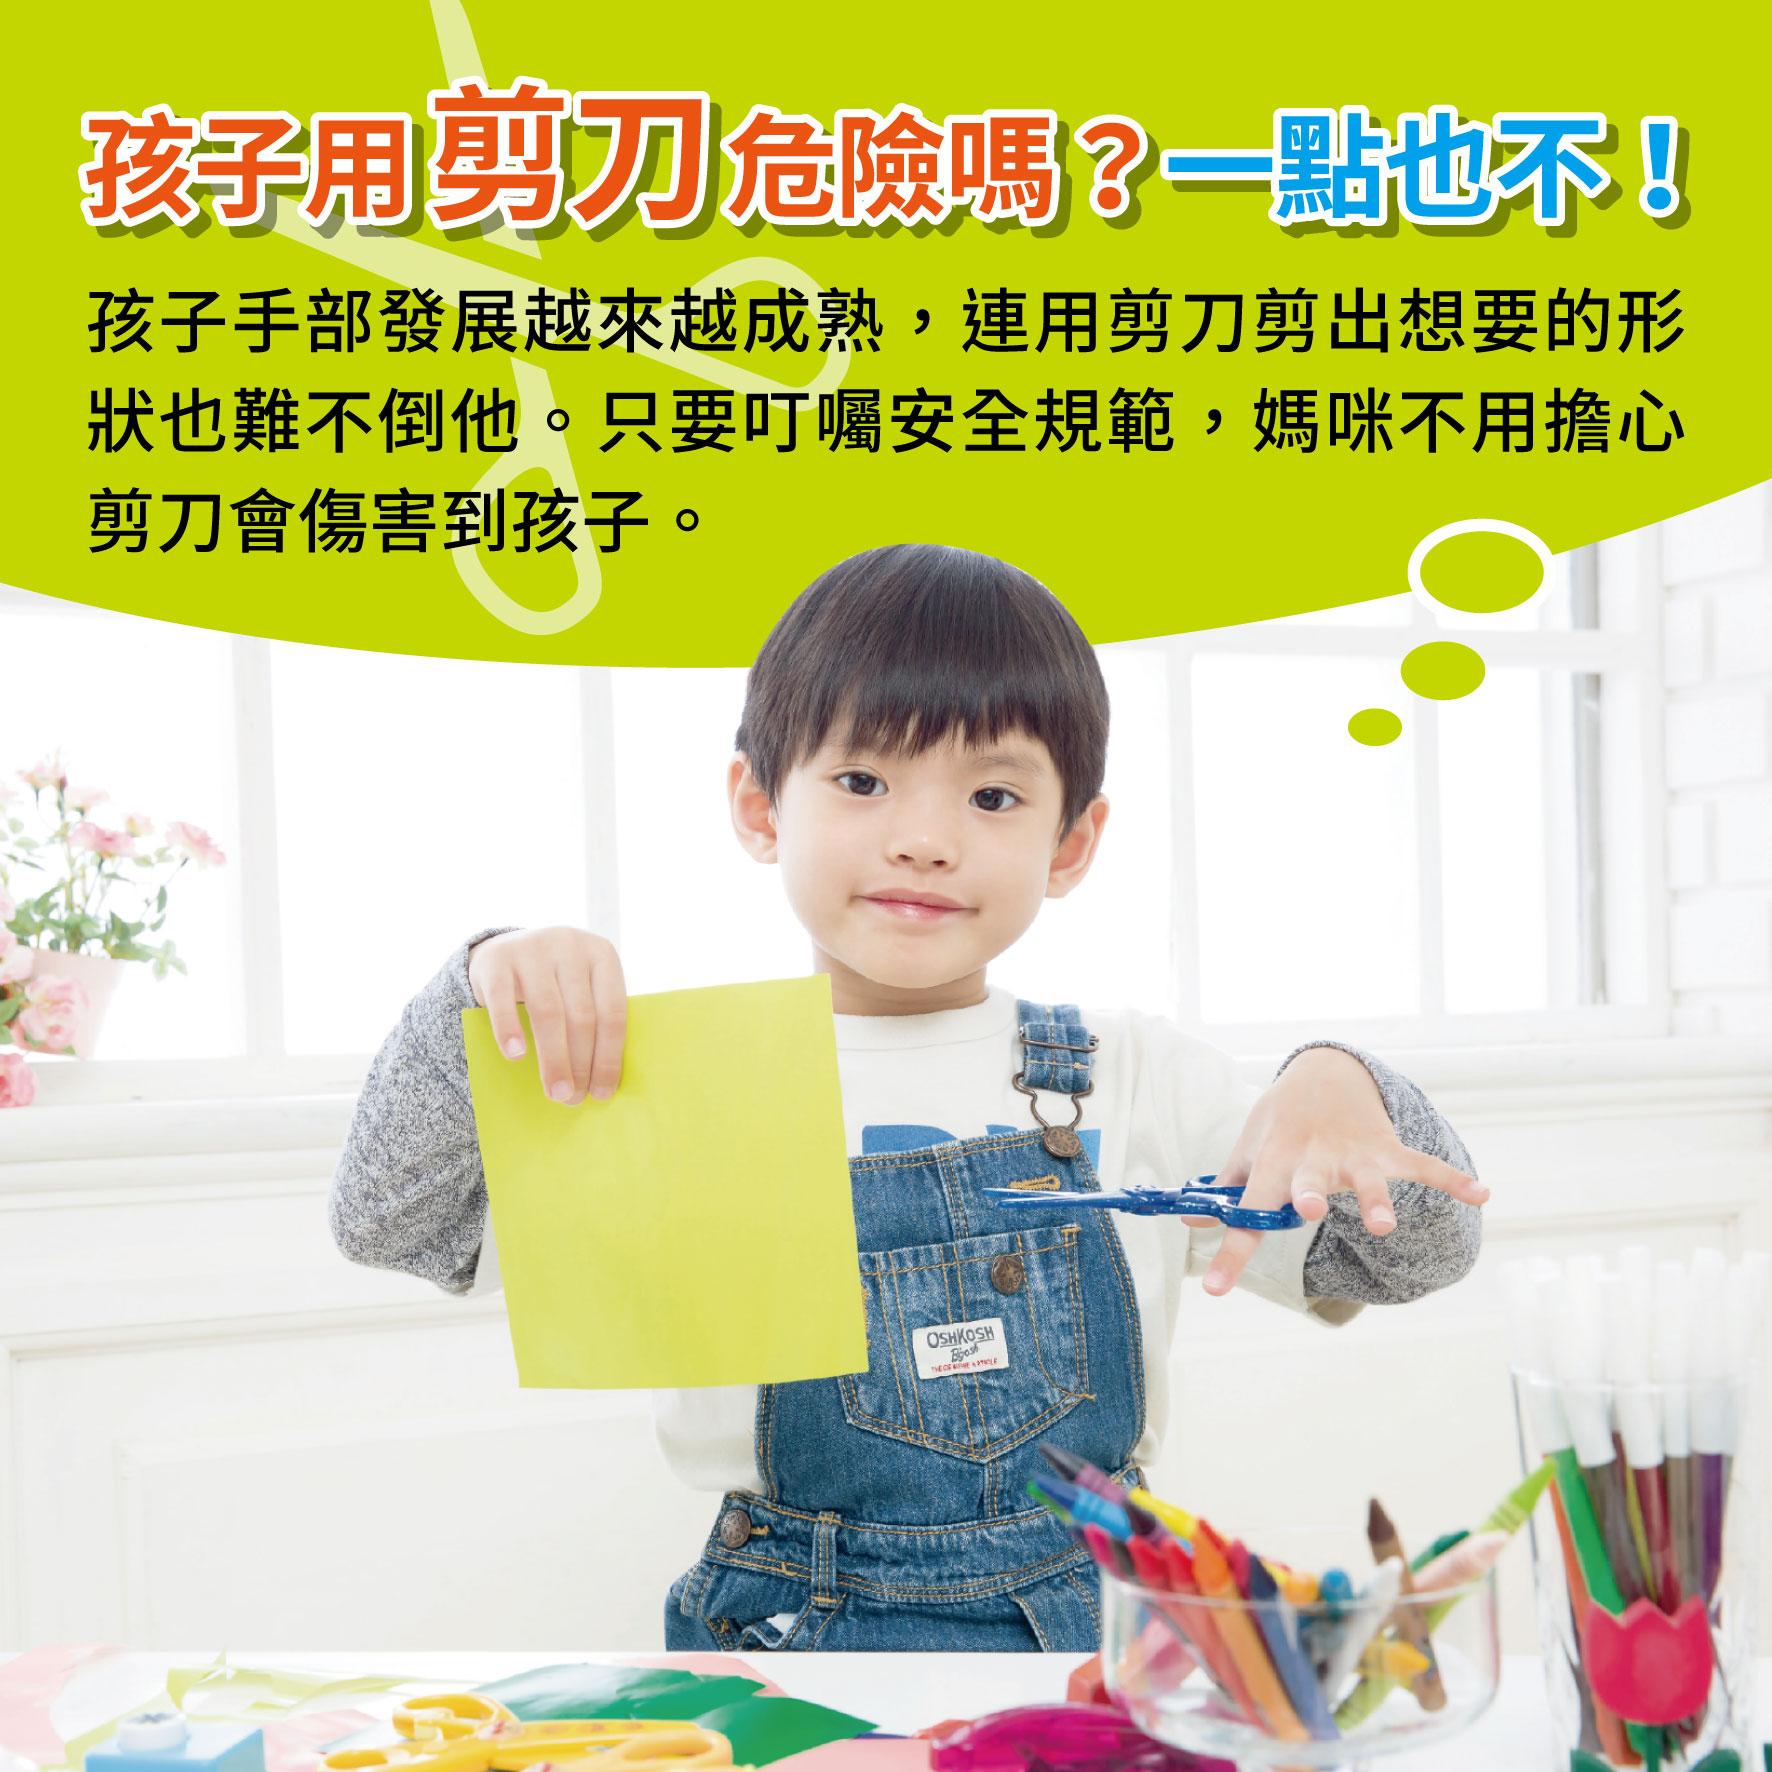 幼兒5歲(第36週)孩子用剪刀危險嗎?一點也不!